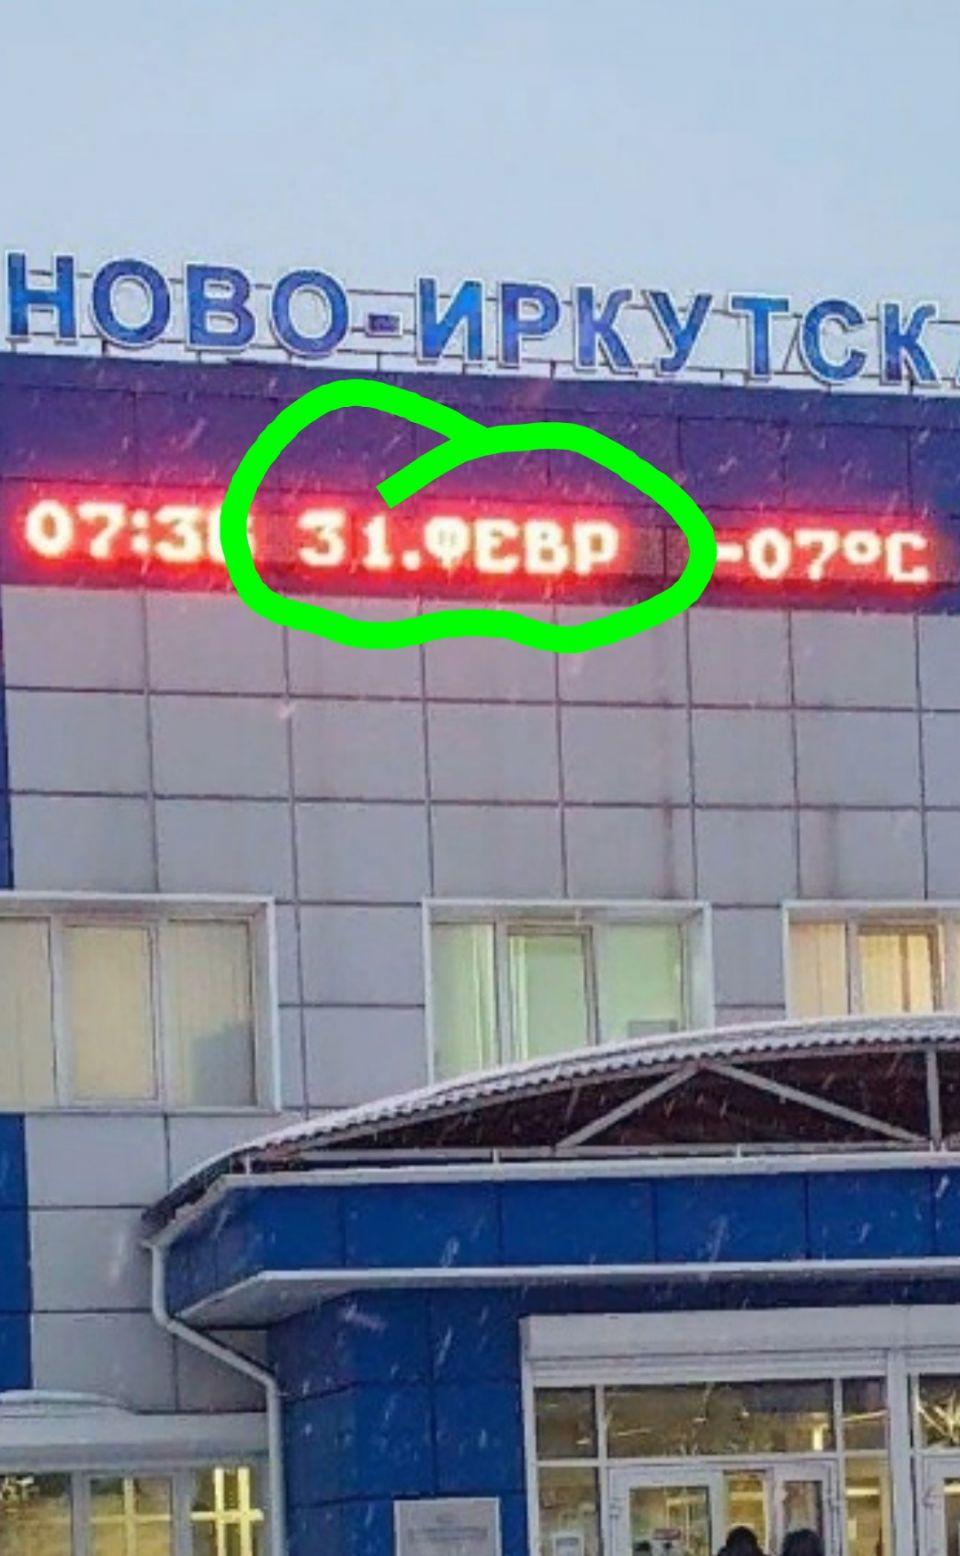 """Как все знают, сейчас """"високосный"""" год! А вот на Ново-Иркутской ТЭЦ, похоже год вообще """"СВЕРХВЫСОКОСЕННЫЙ"""" )))"""